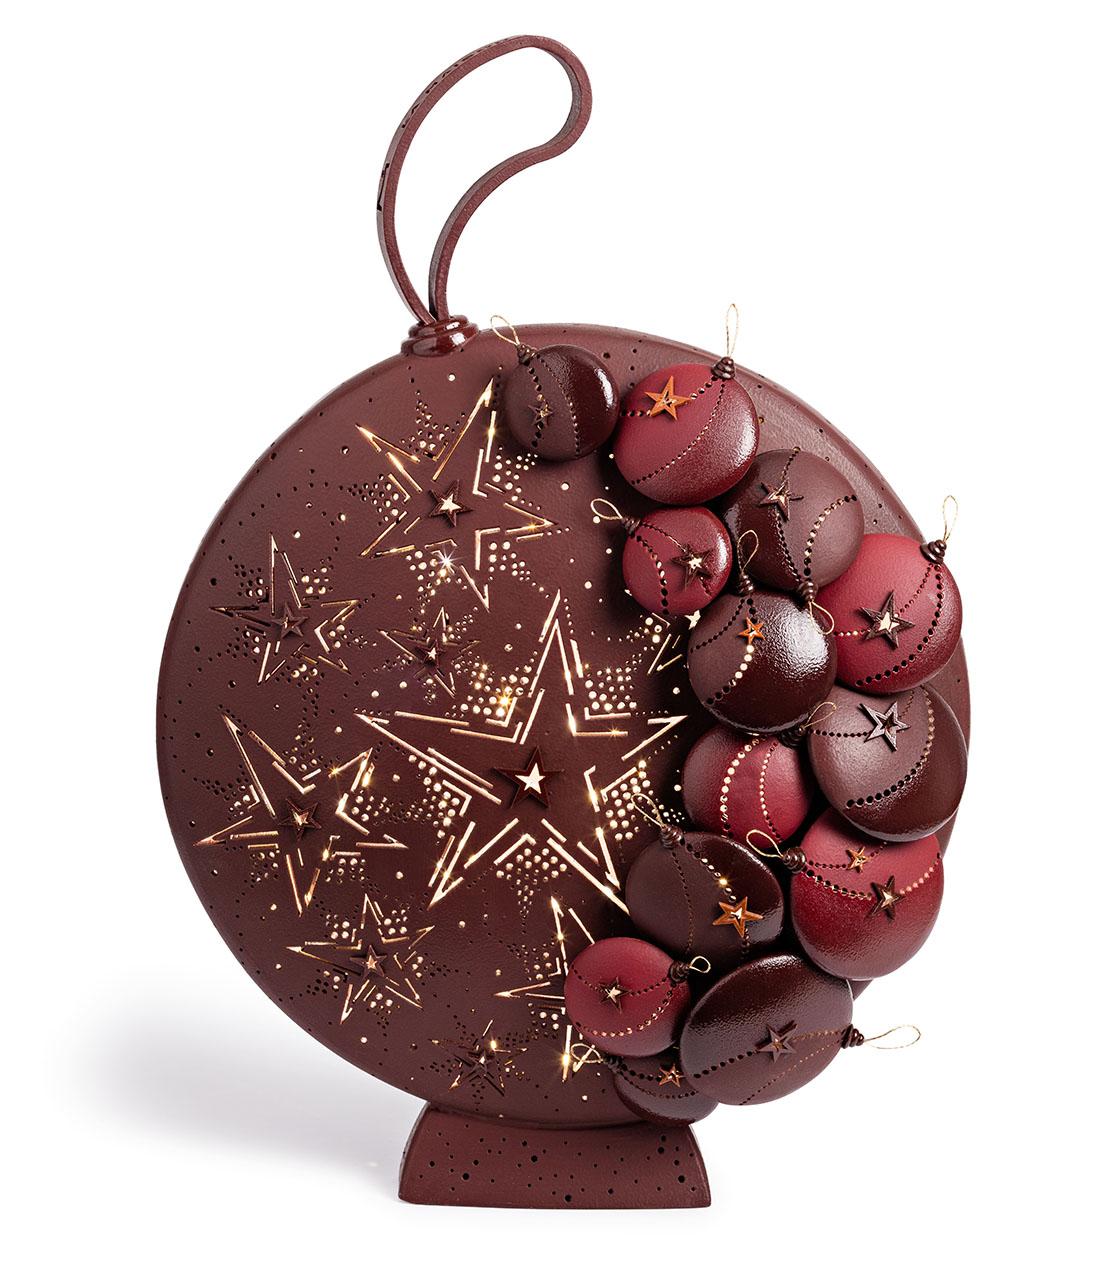 Bûches de Noël 2021 - La Maison du Chocolat